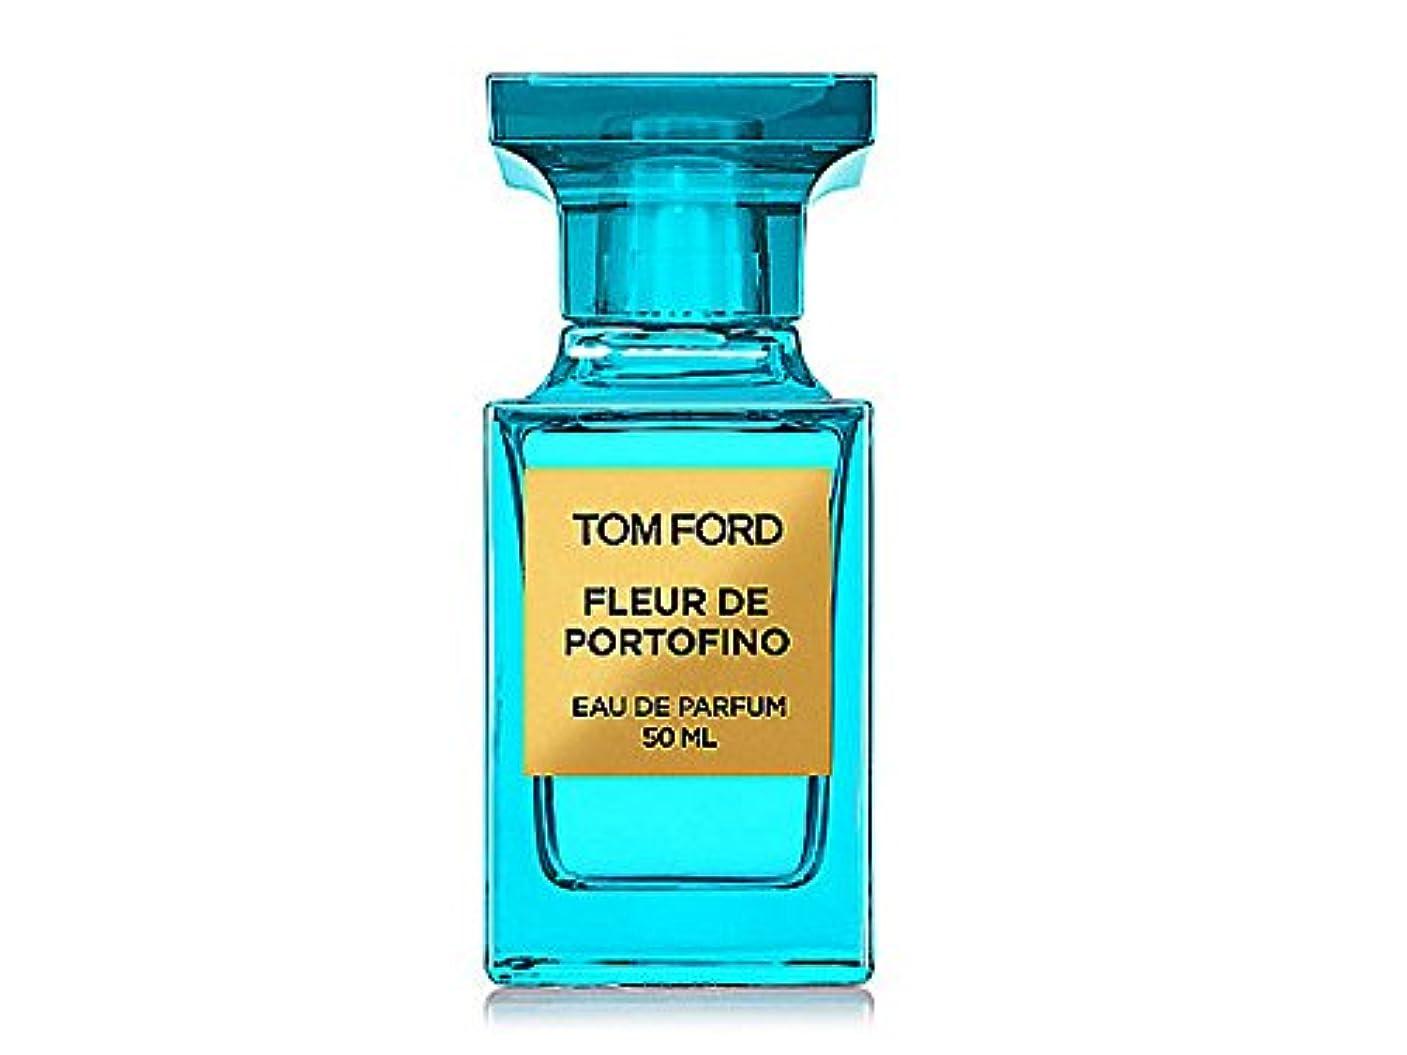 値下げシャーク突き出すトムフォード フルール ド ポルトフィーノ EDP スプレー 50ml トムフォード TOM FORD